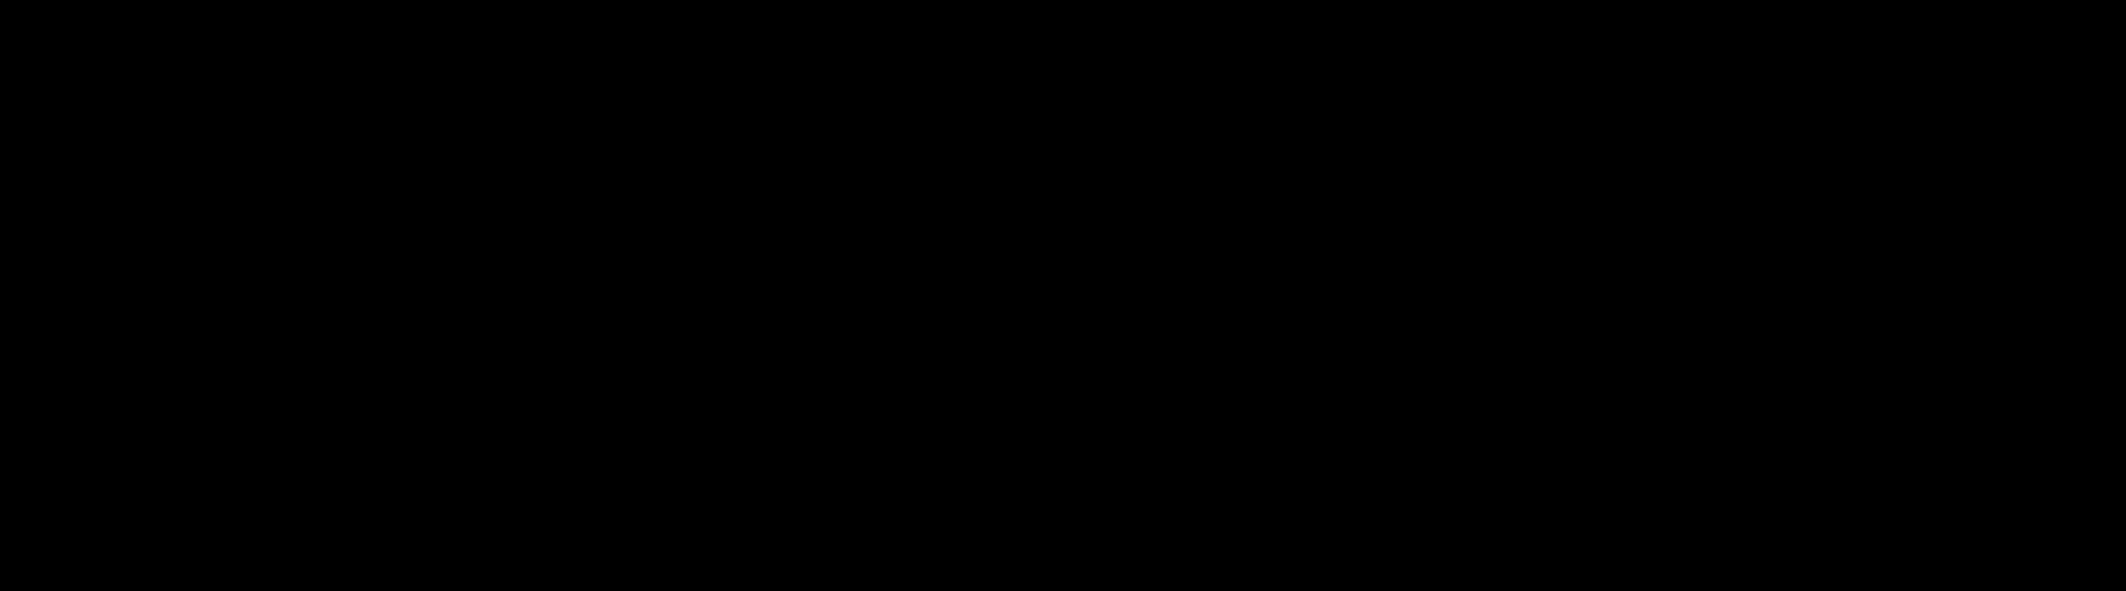 AT8 3faz